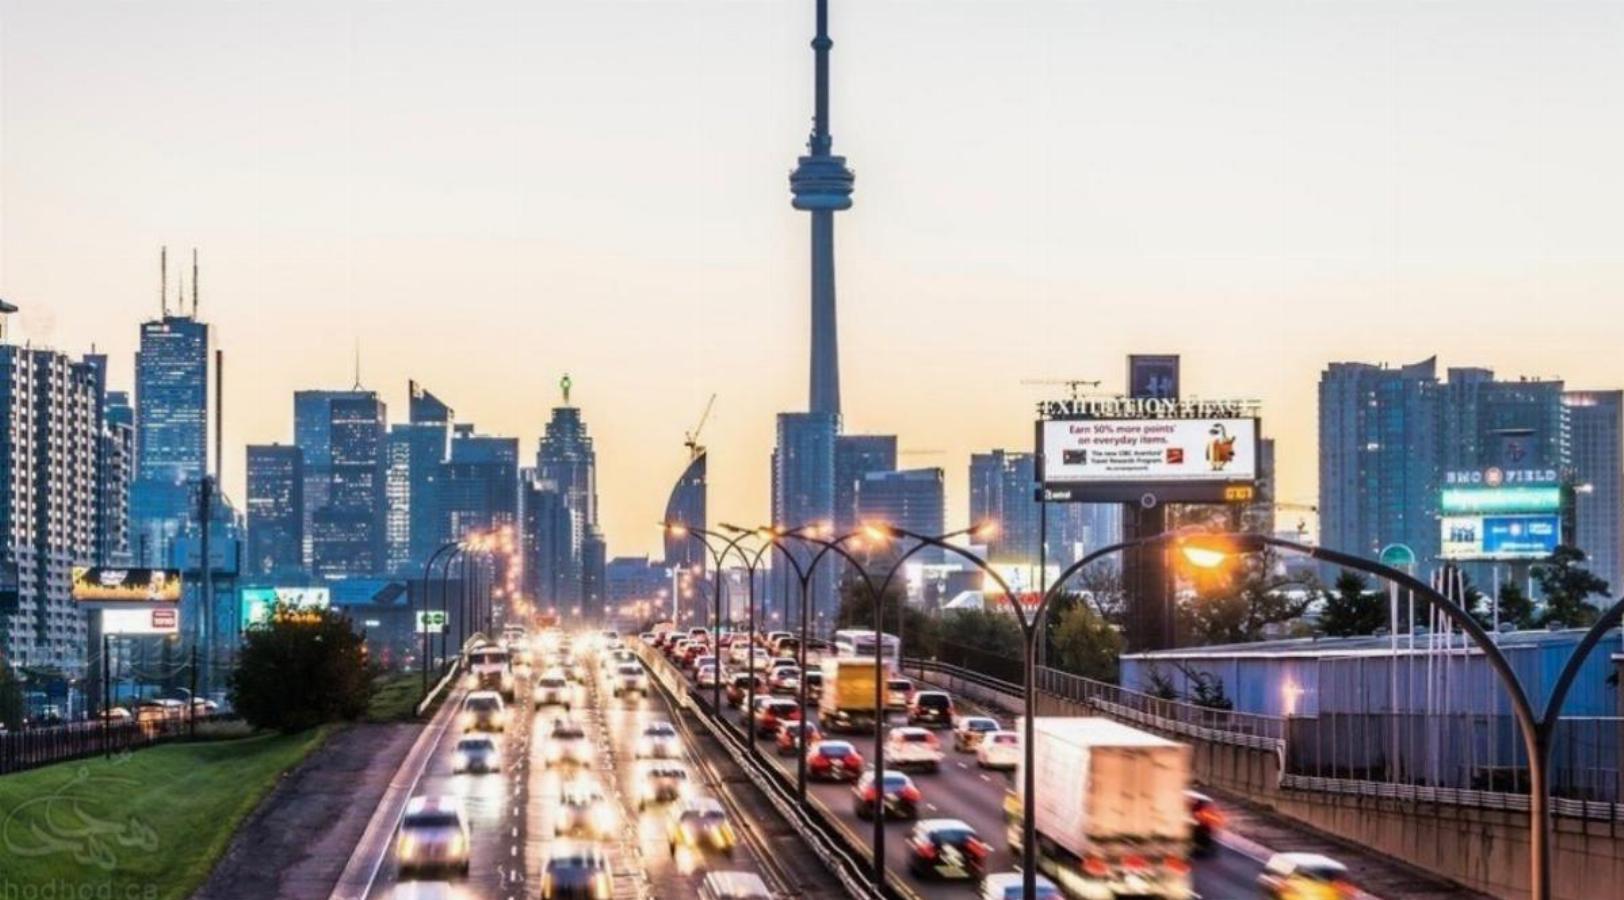 با بدترین بزرگراه های کانادا آشنا شوید: تورنتو با 11 بزرگراه با فاصله زیاد صدرنشین است!